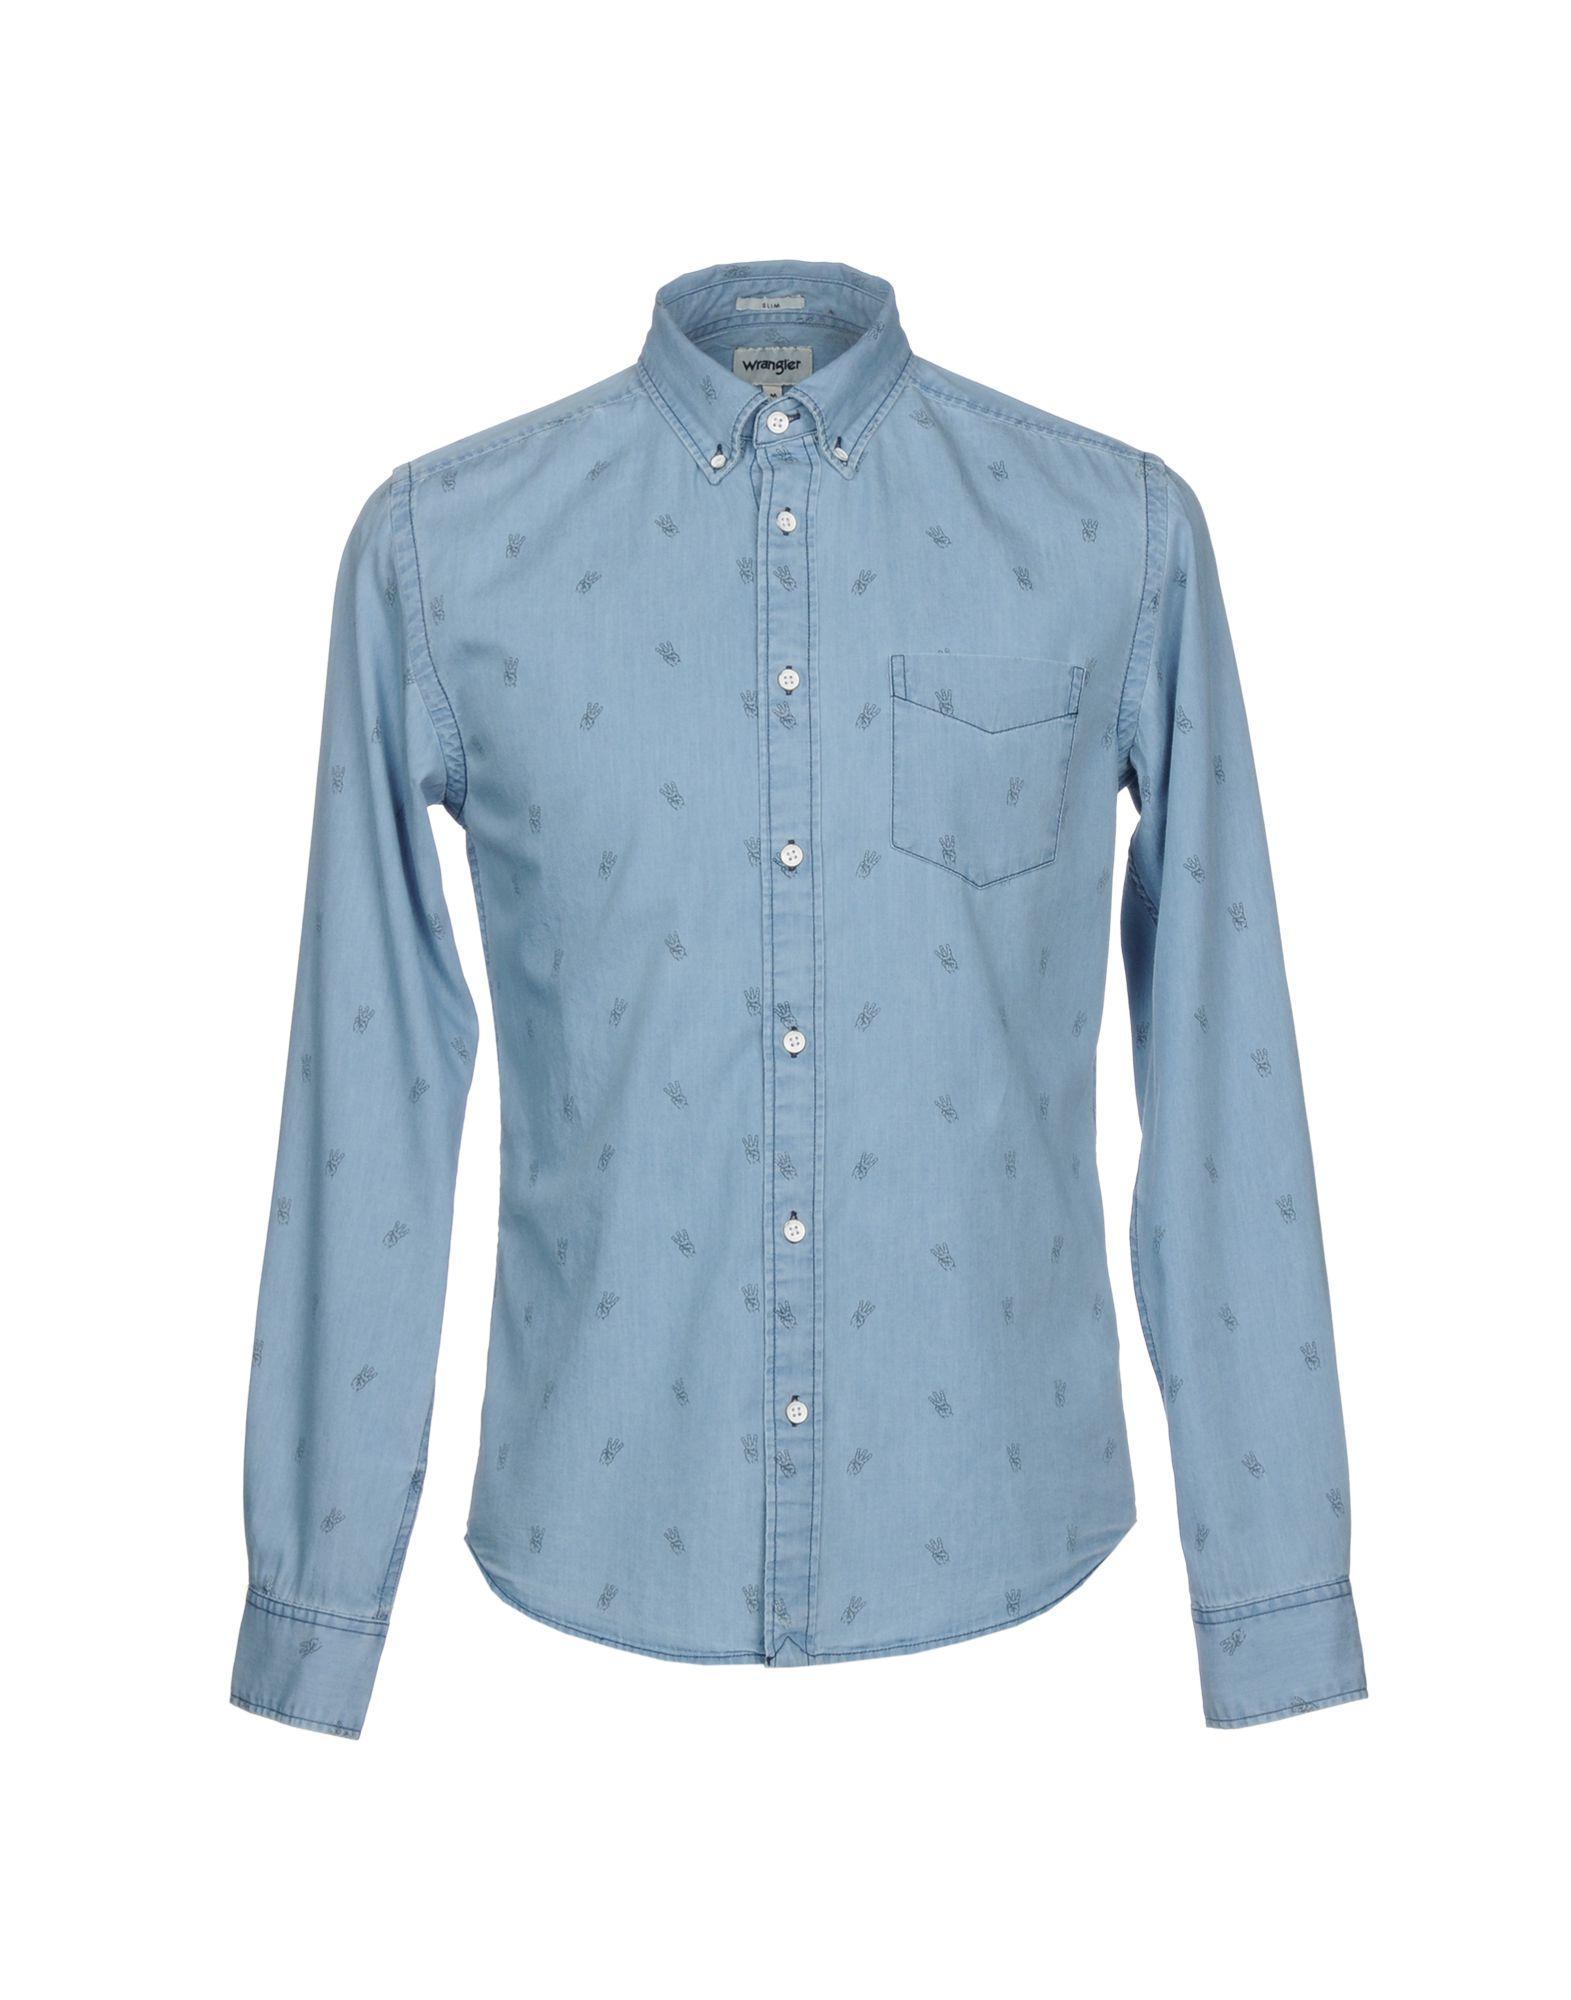 Wrangler Denim Shirt In Blue